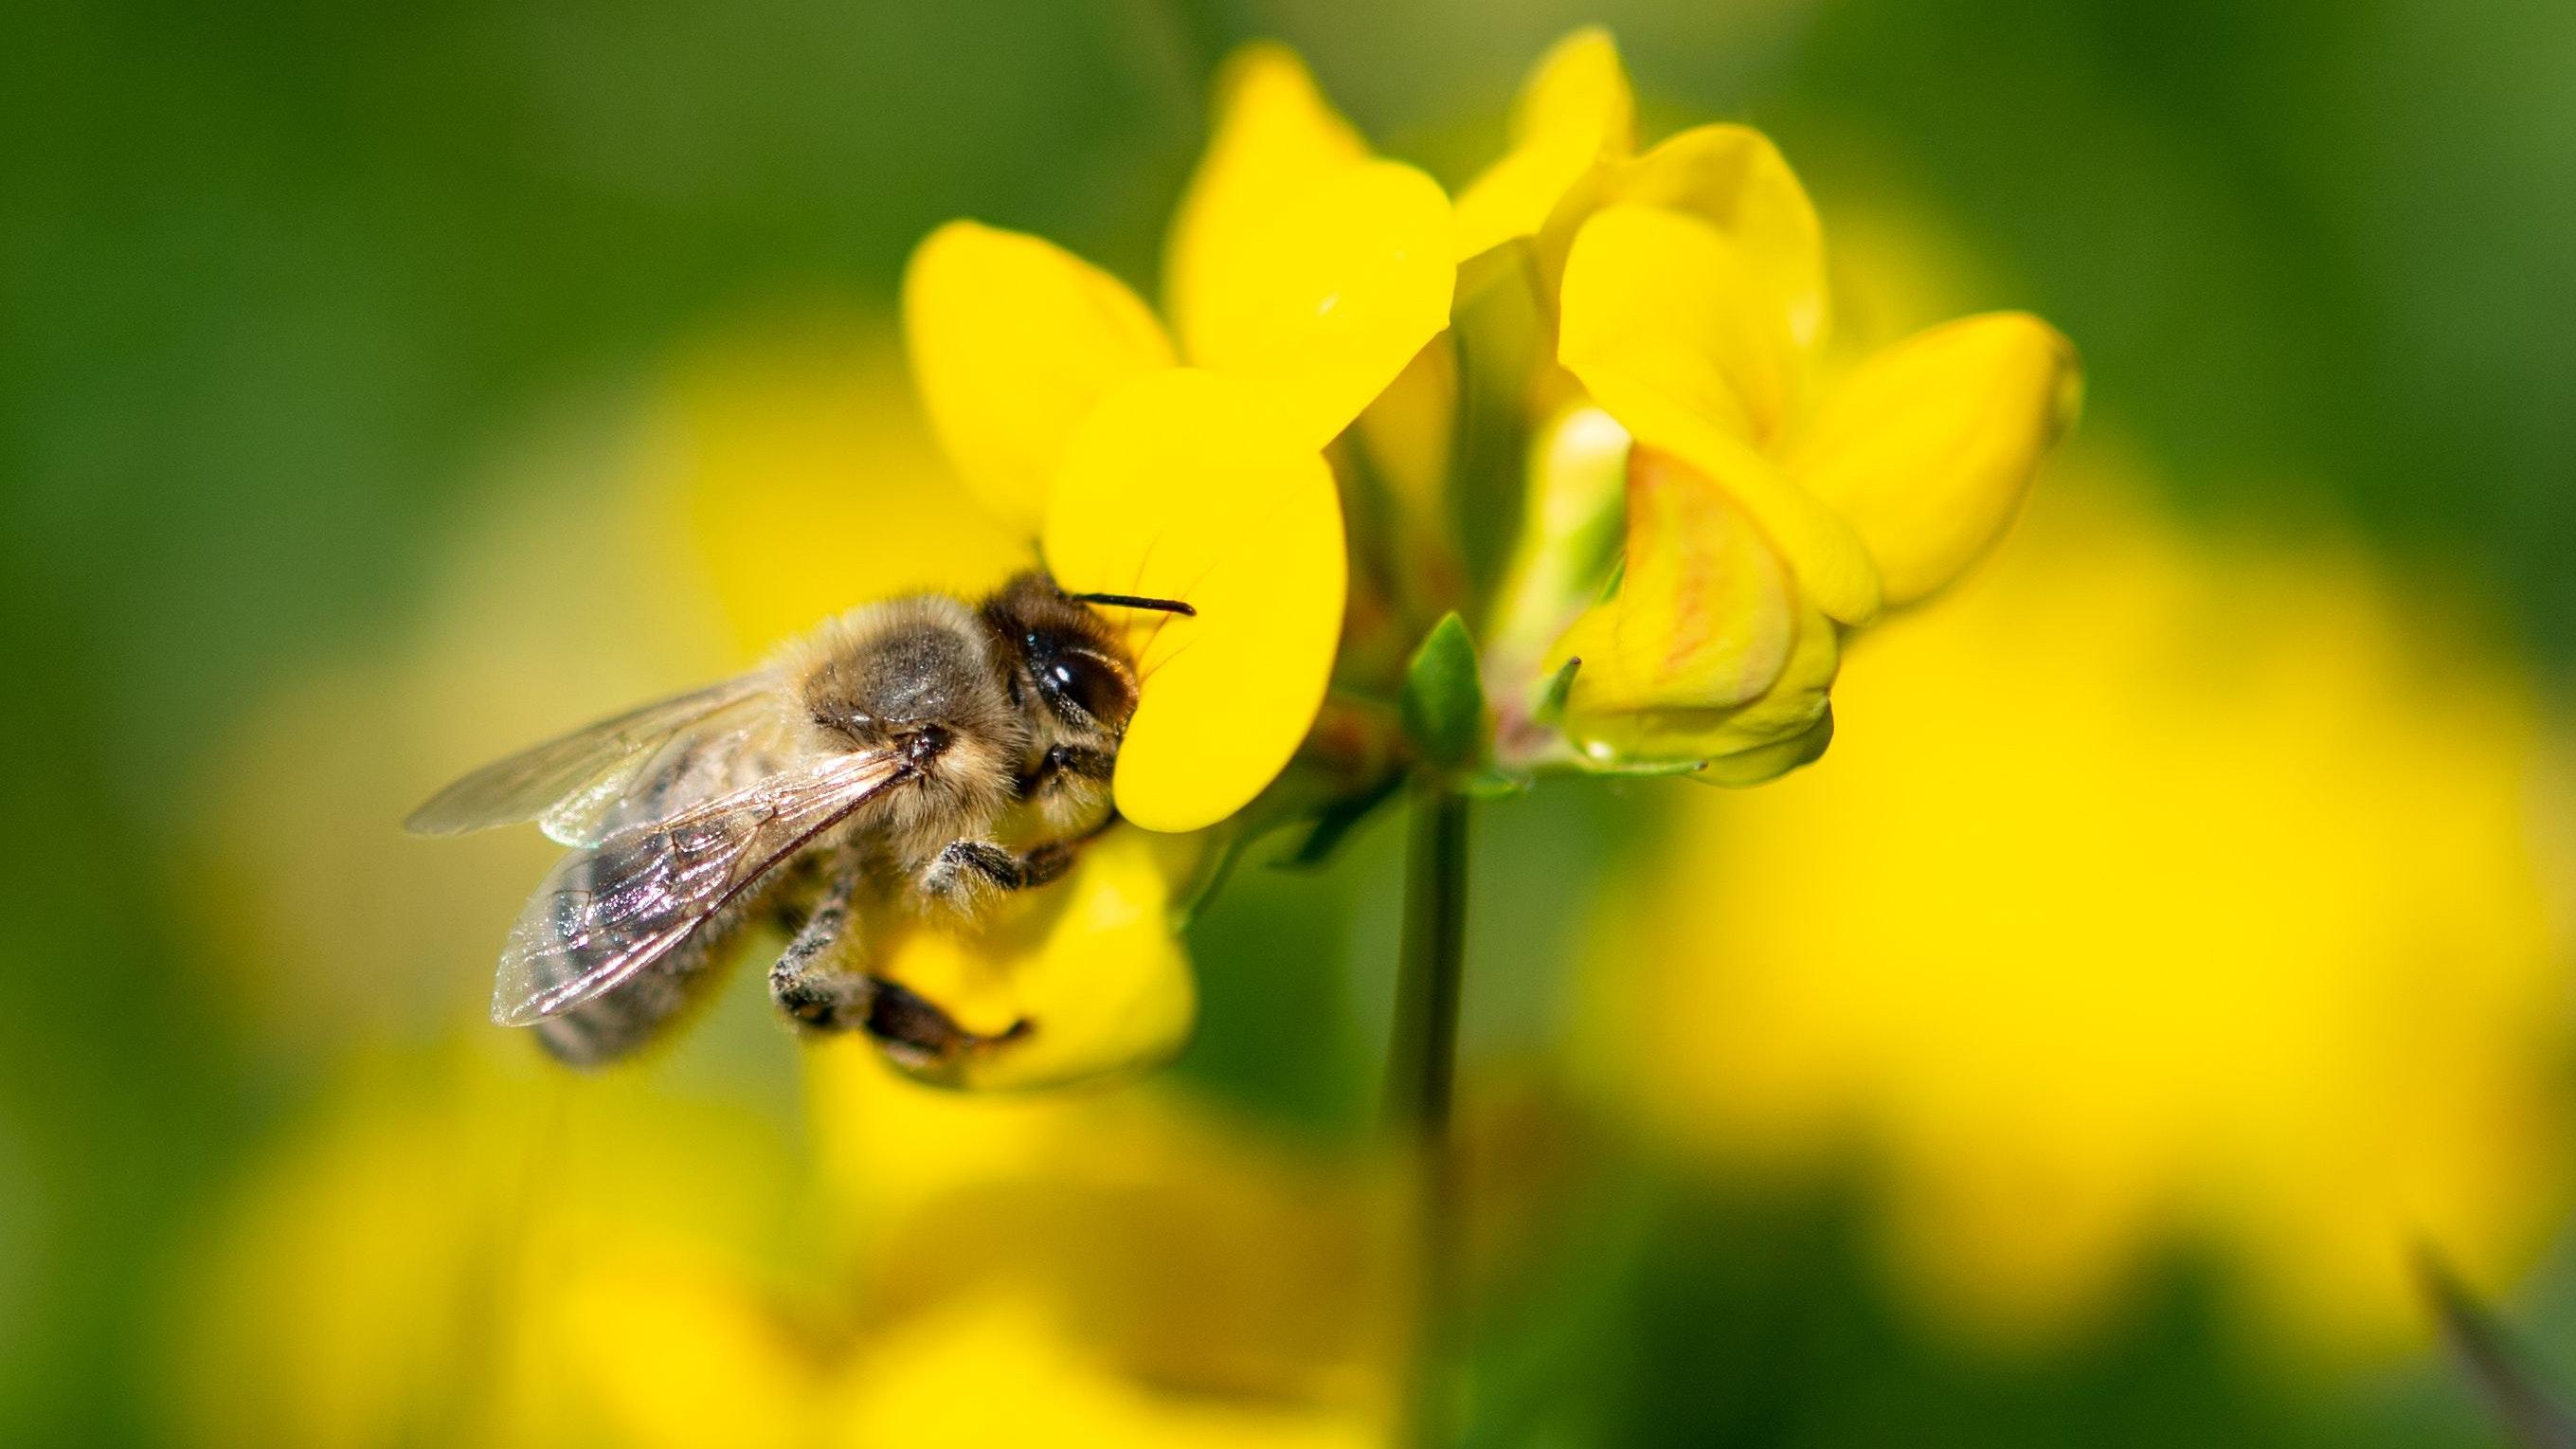 Mehr Lebenschancen: Bienen erfüllen in der Natur die wichtige Aufgabe der Bestäubung von Pflanzen. Auch sie sollen durch den Niedersächsischen Weg besser geschützt werden. Symbolfoto: dpa/Sommer